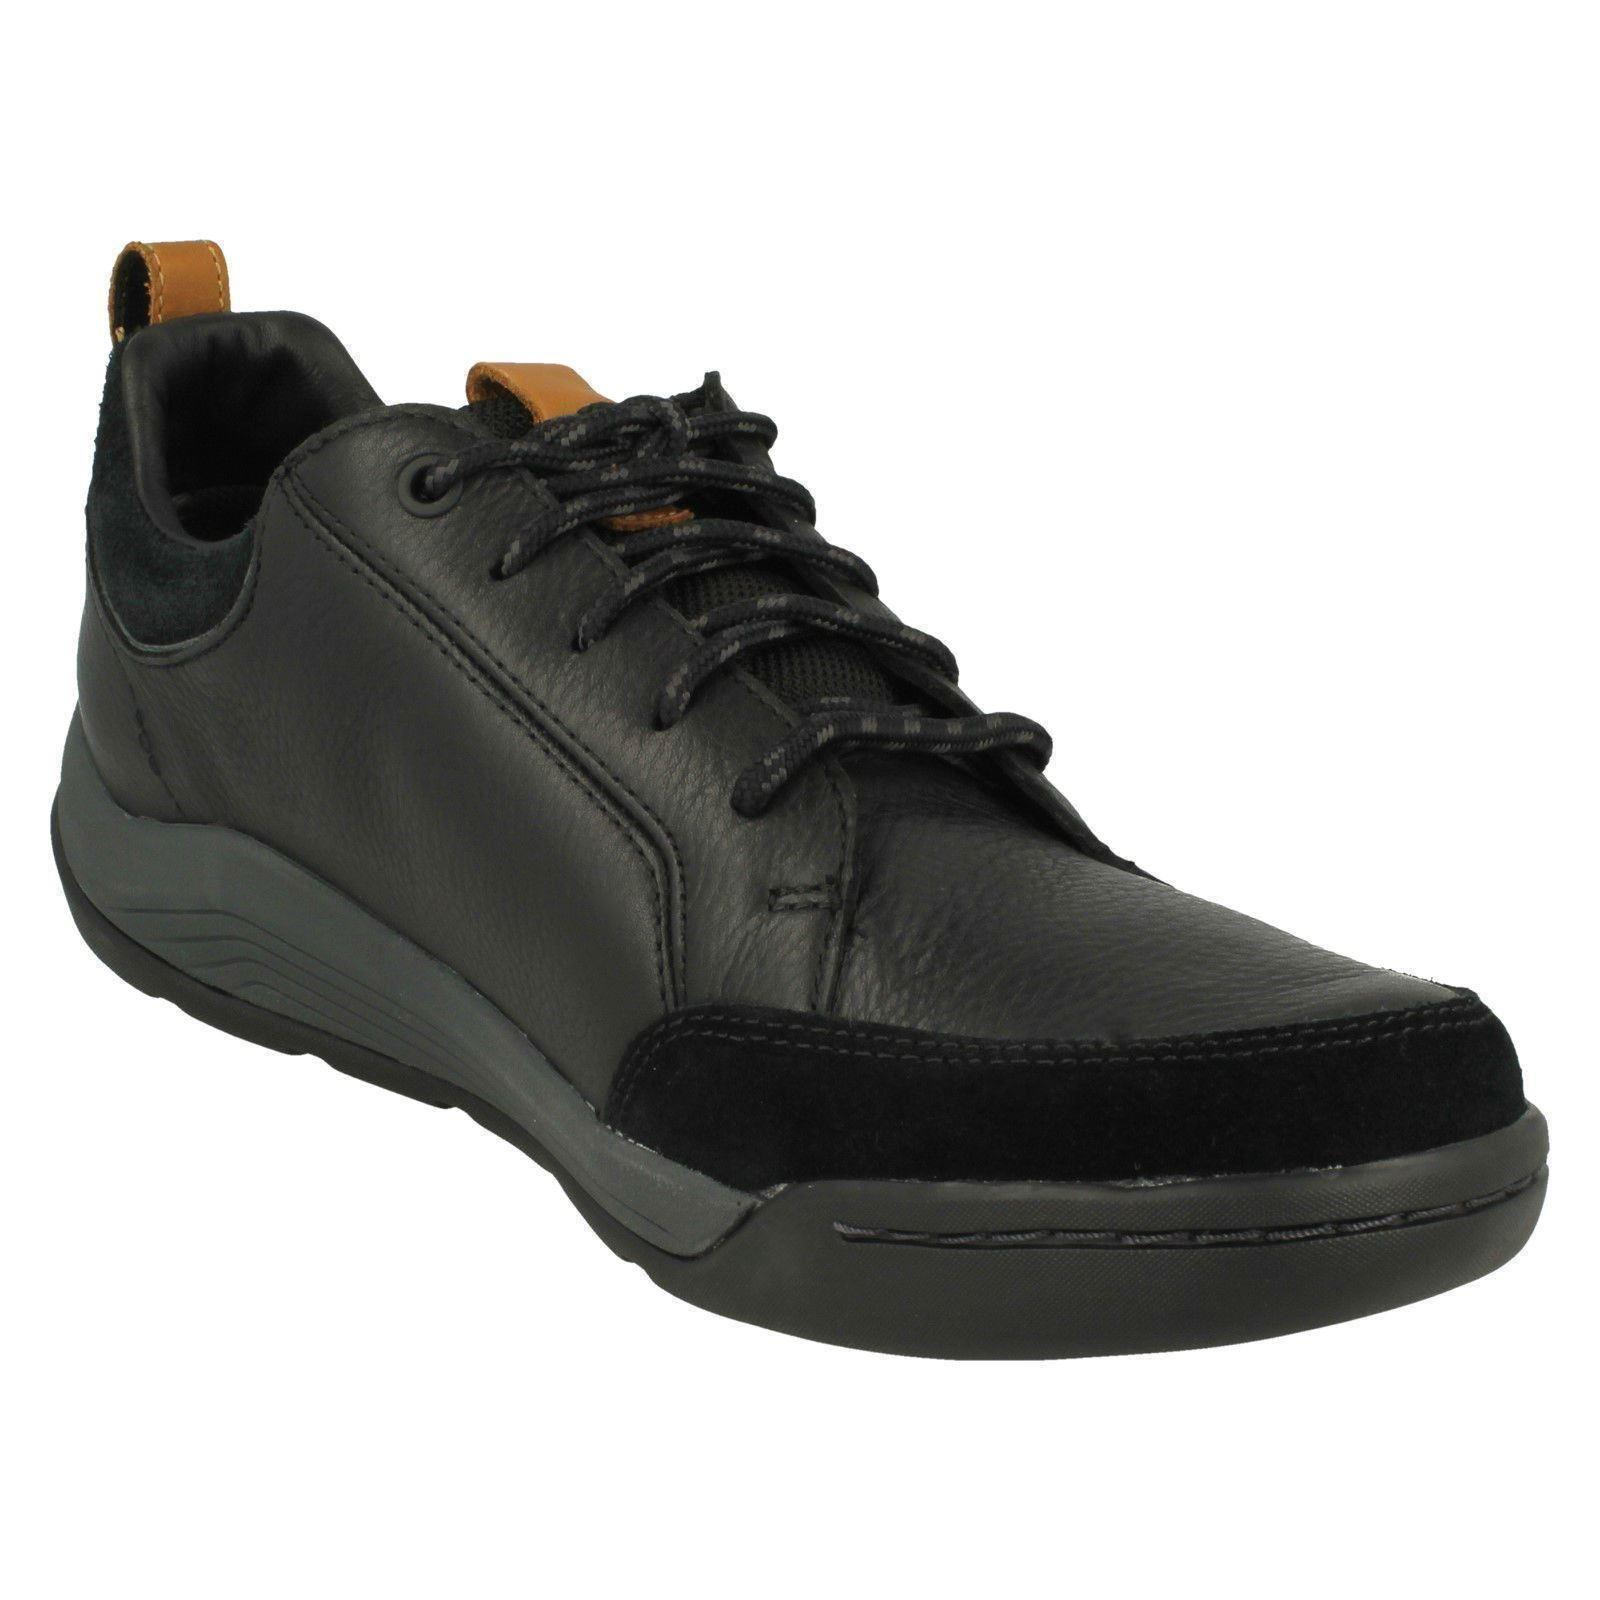 Homme Clarks Décontracté Gore-Tex Chaussures